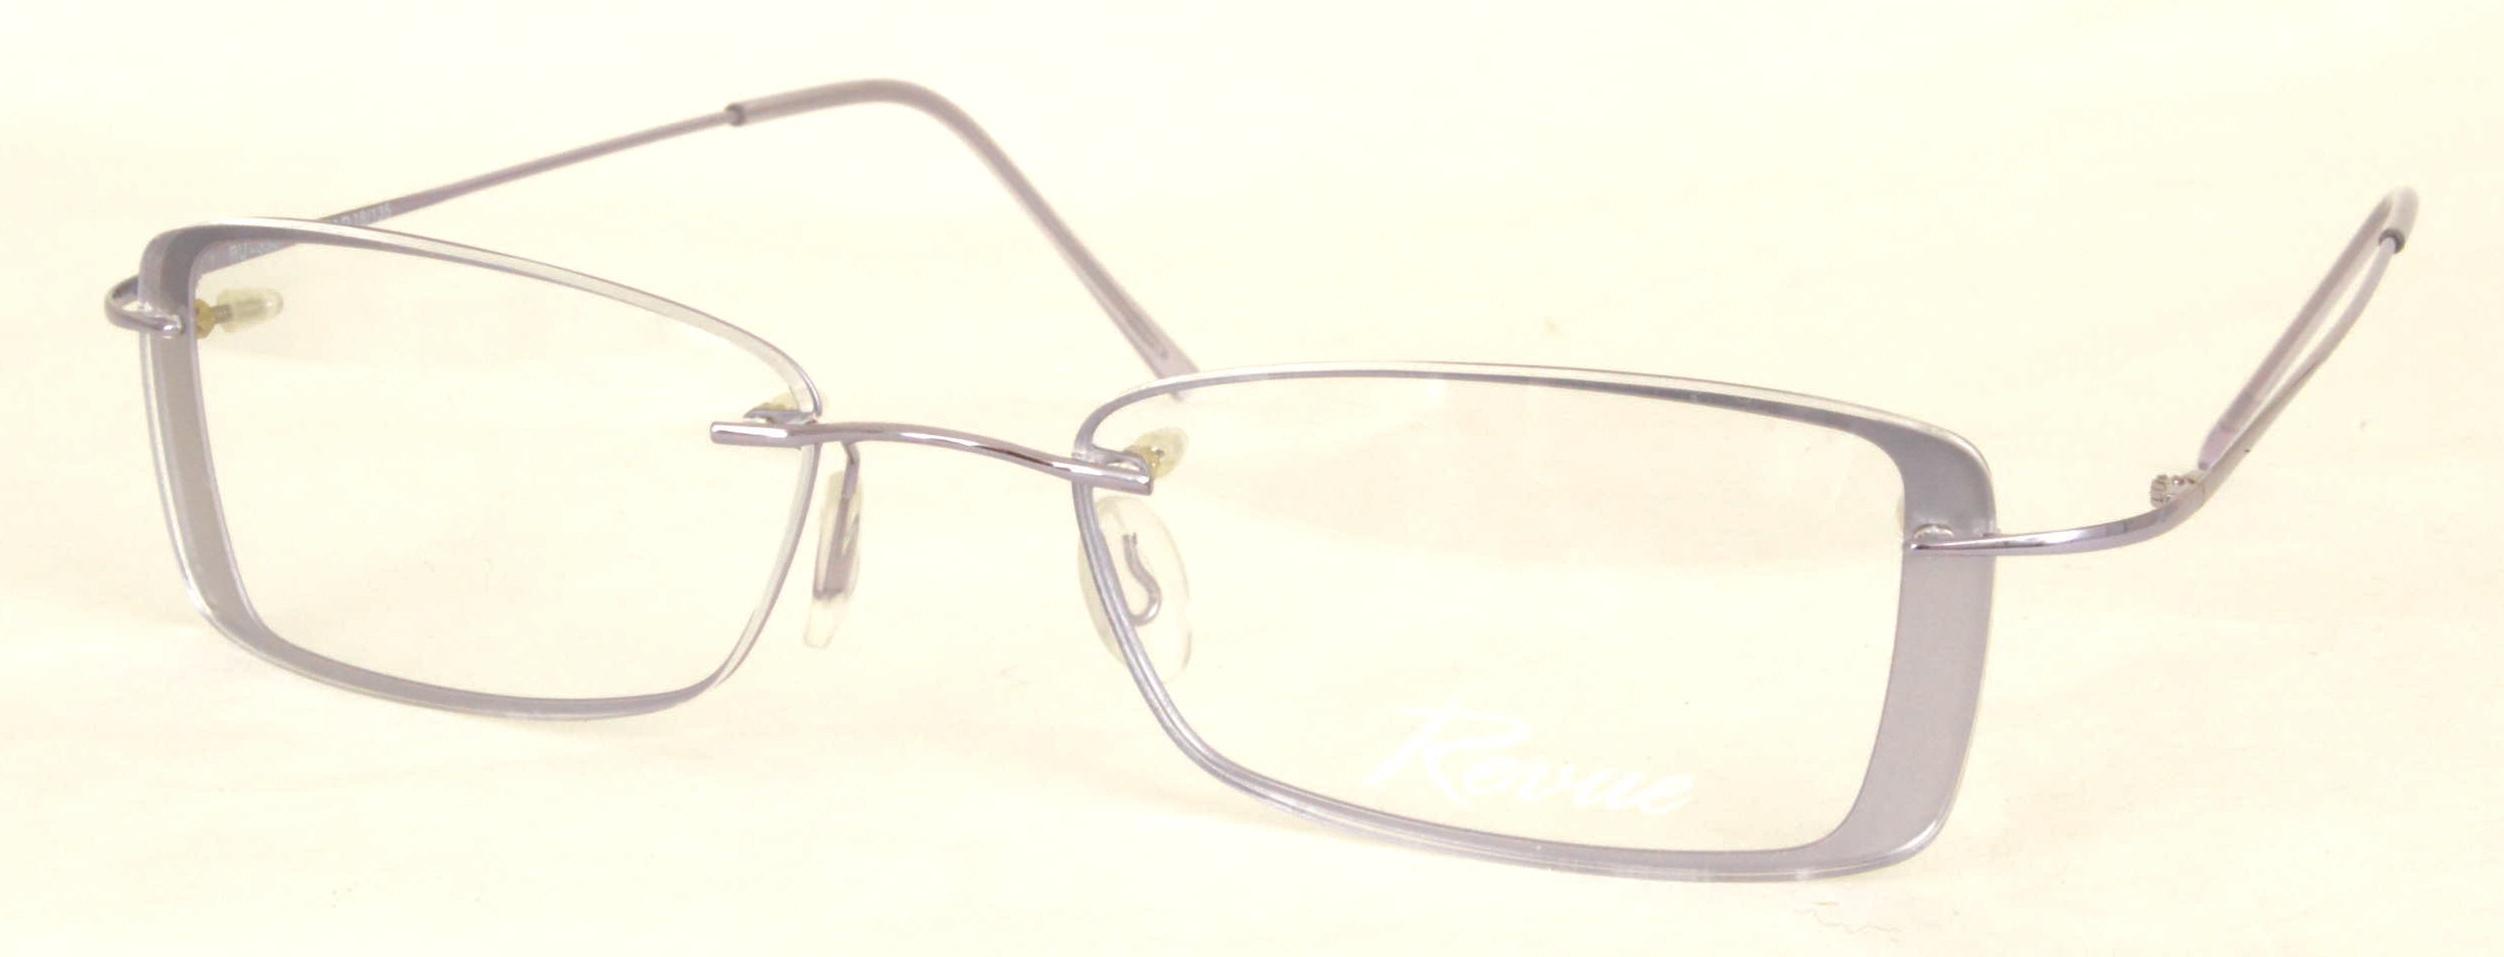 RU 350 Eyeglasses, Lavender